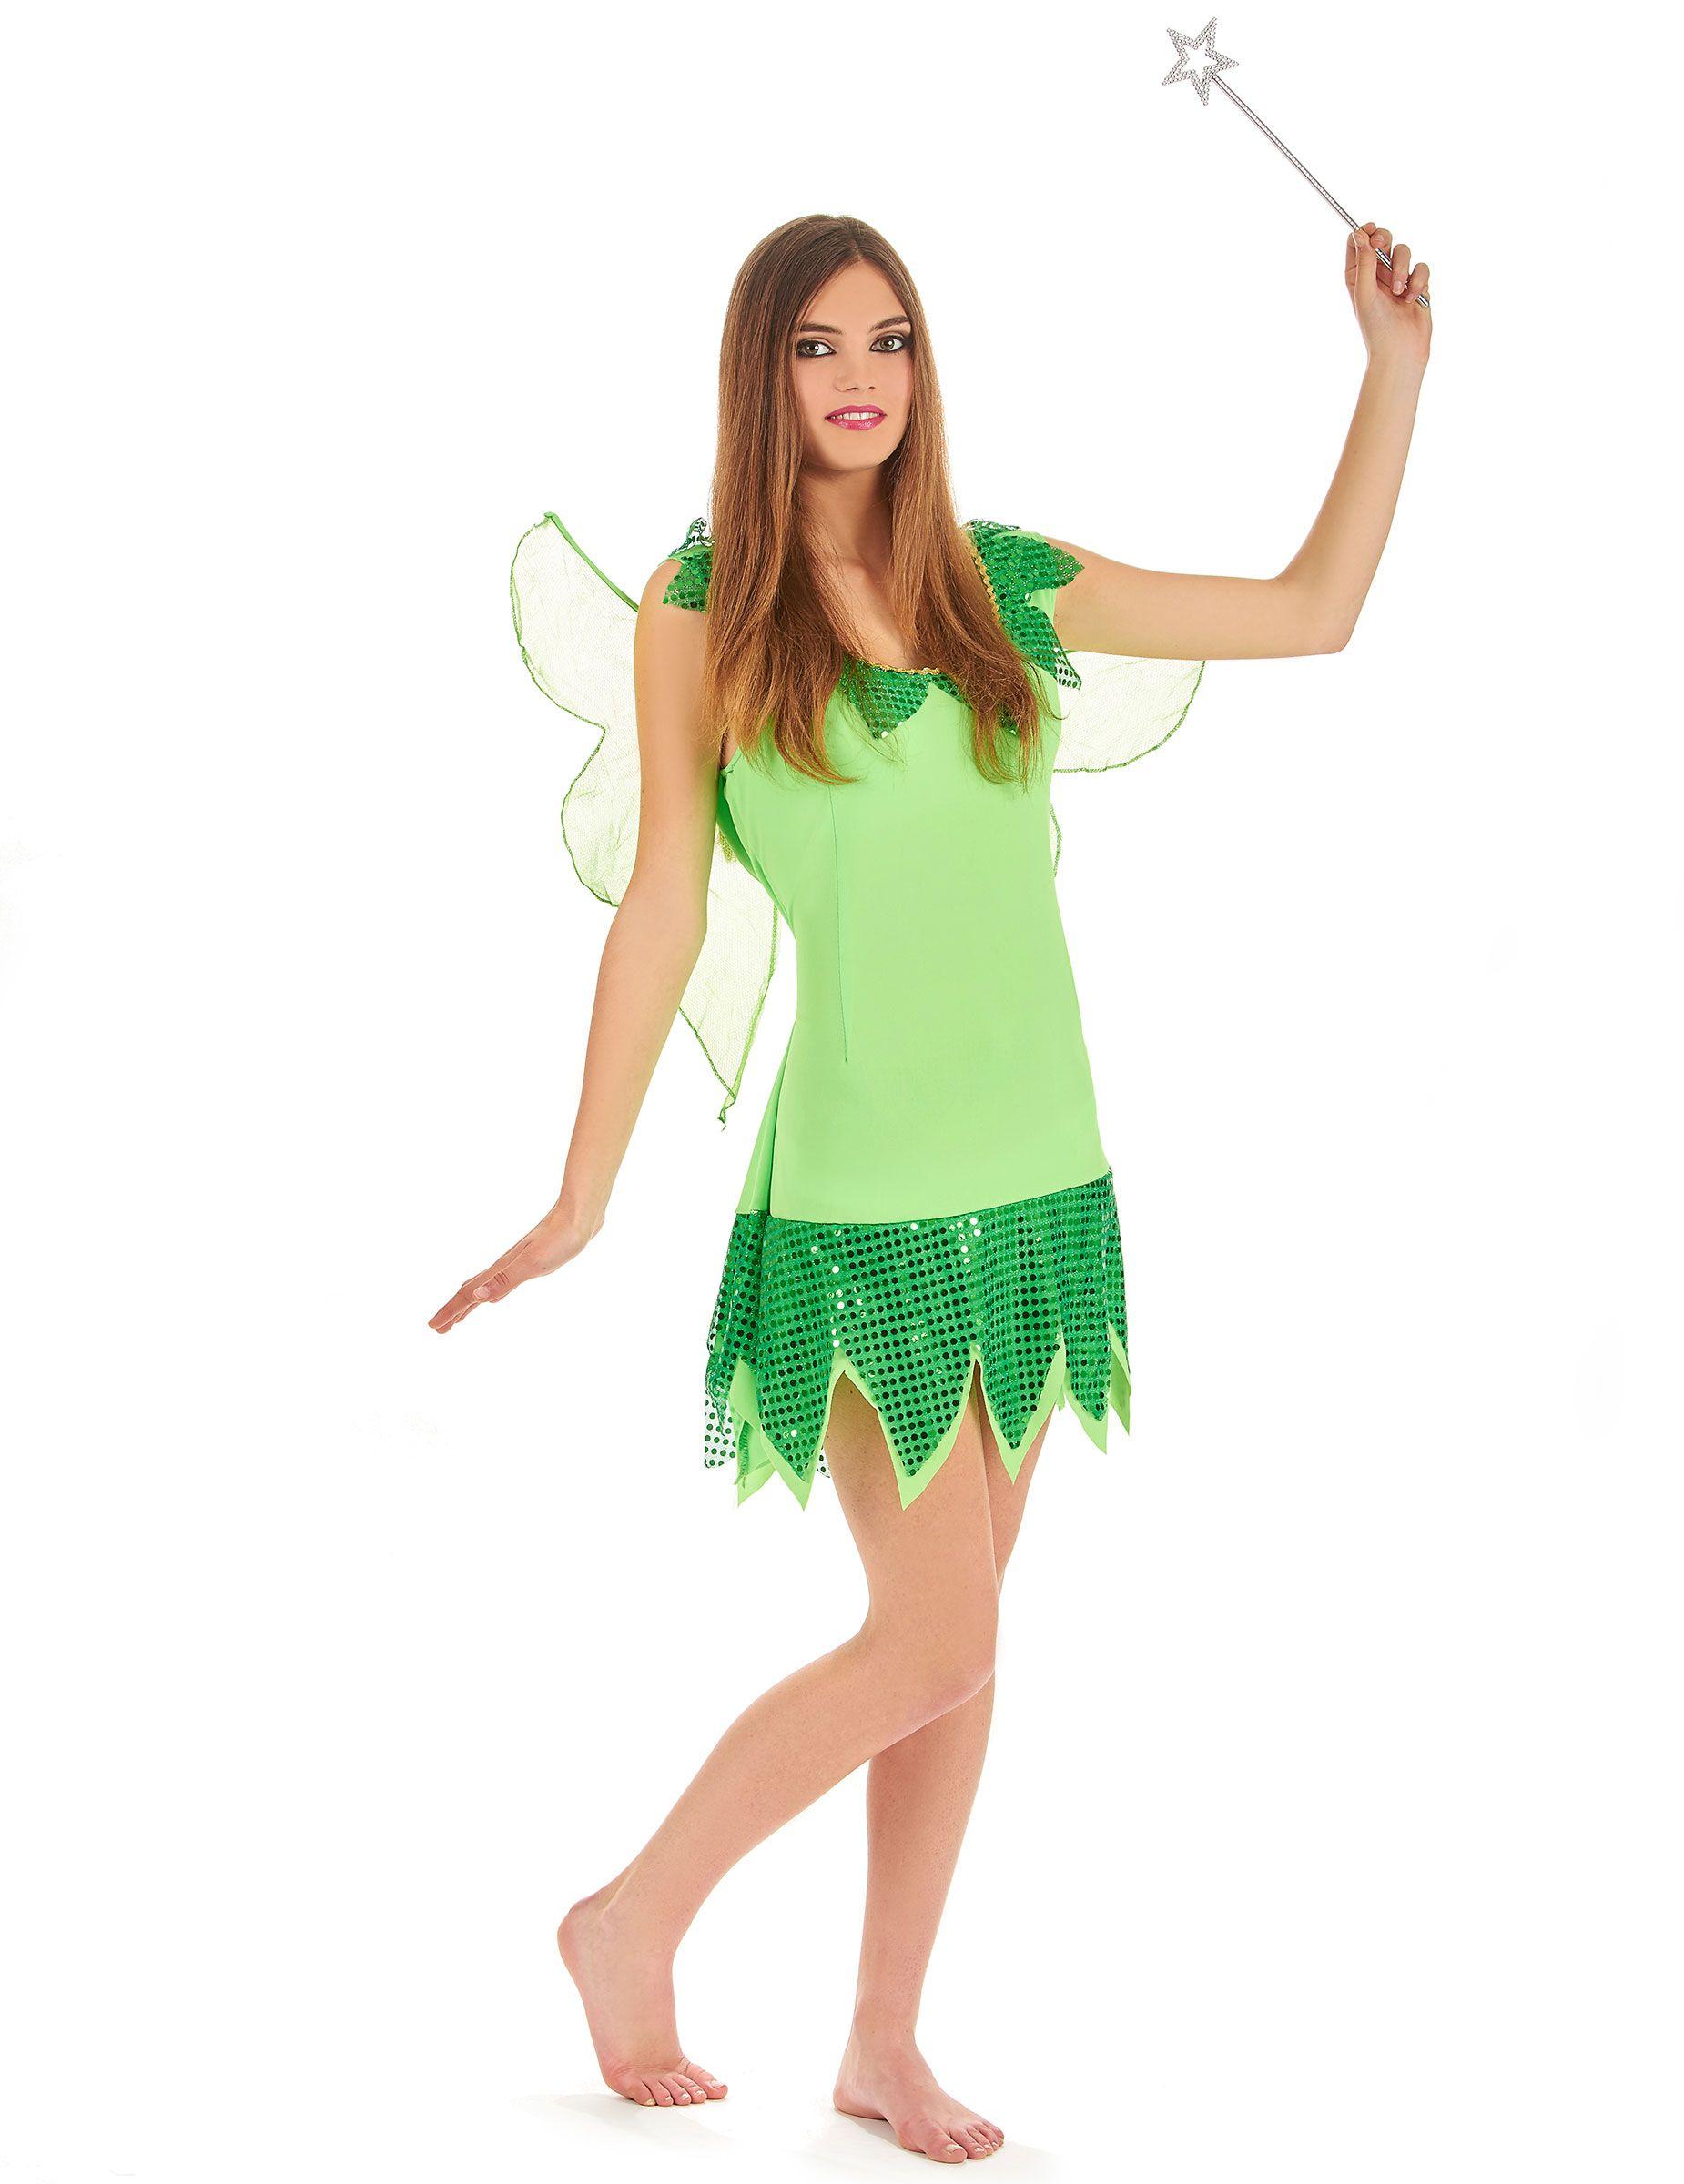 Disfraz de hada verde para mujer: Este disfraz de hada verde para mujer se compone de un vestido y un par de alas. El vestido es de un tejido verde muy ligero, embellecido con un ribete dorado en el pecho y lentejuelas a la altura...